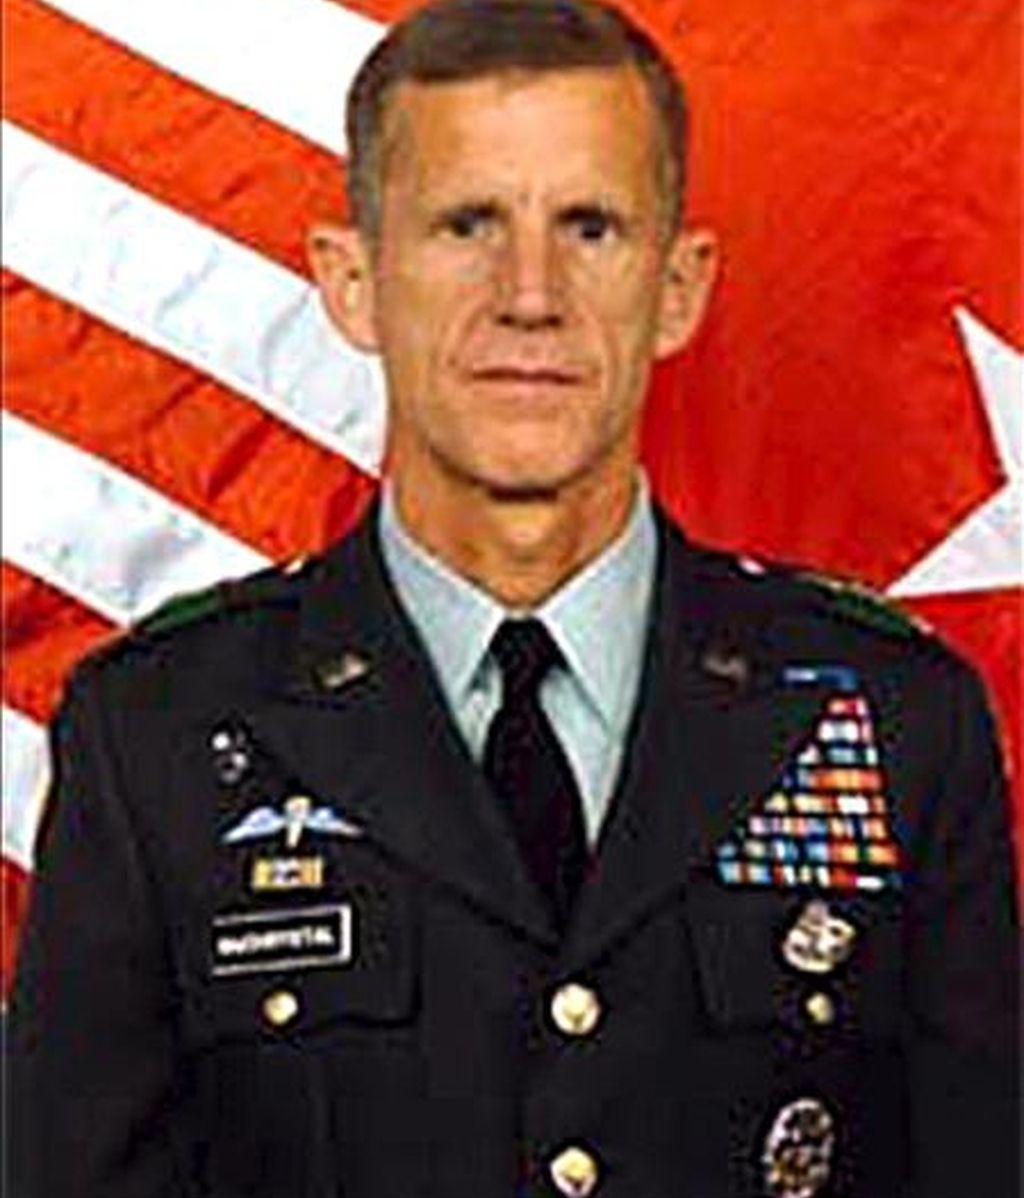 El nuevo comandante de las fuerzas estadounidenses en Afganistán, teniente general Stanley McChrystal. EFE/Archivo